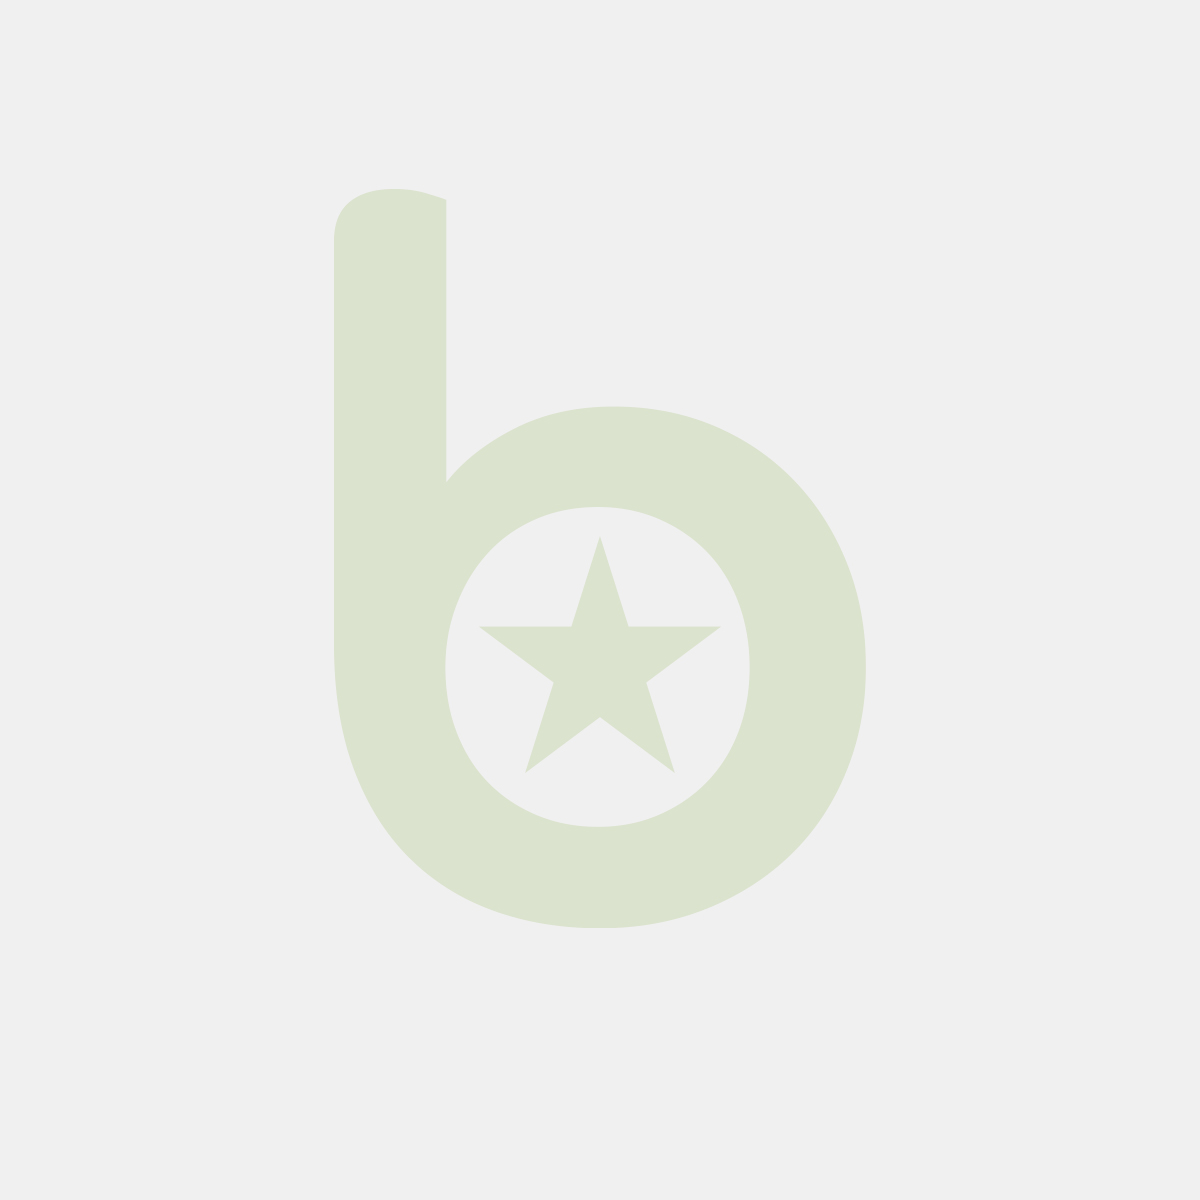 Worki polipropylenowe (PP) 65x105cm (84g) - 50kg, cena za 100szt